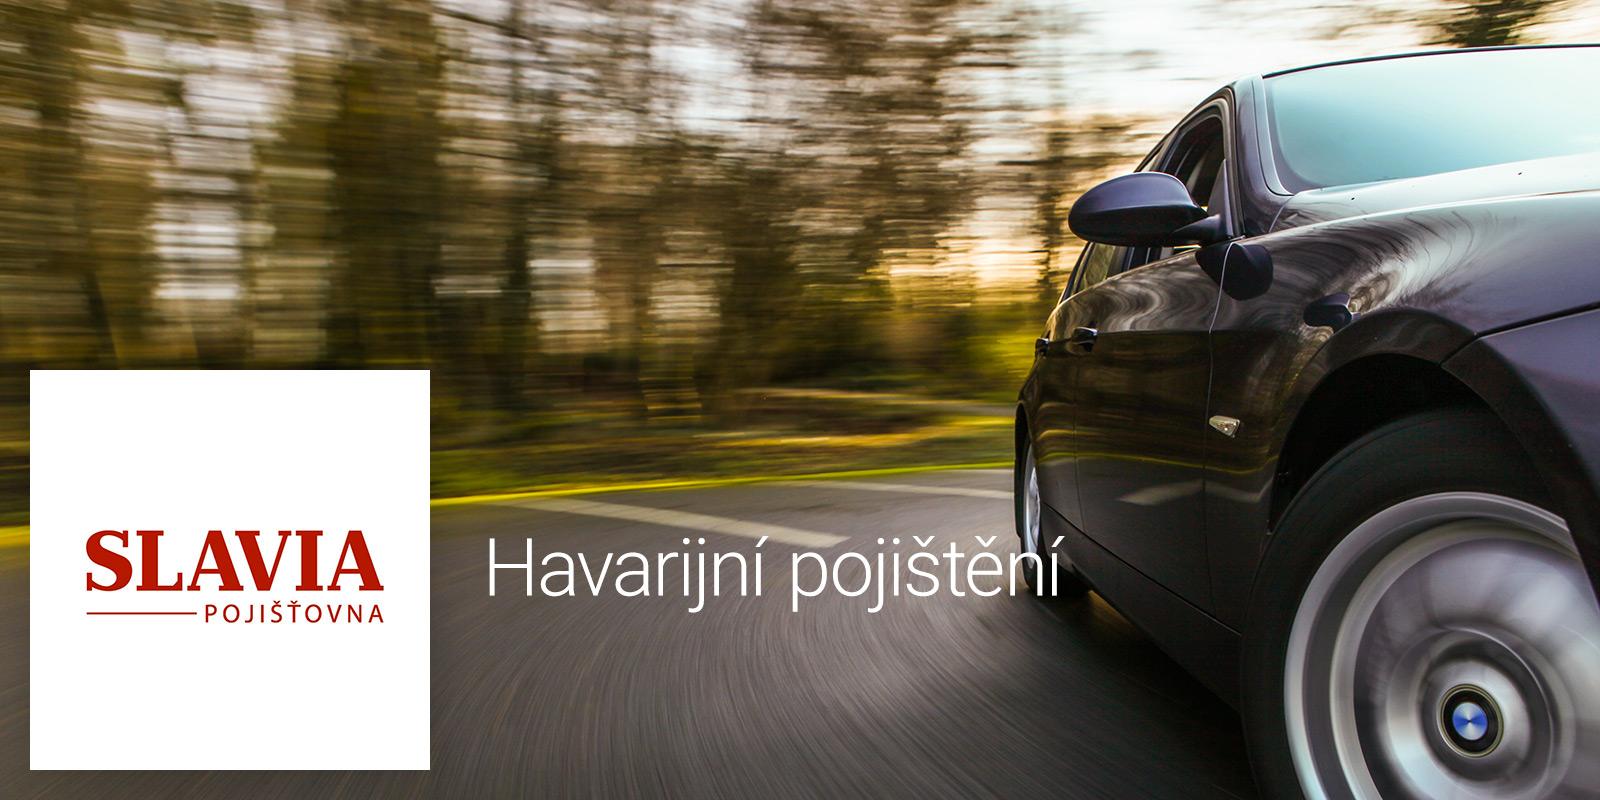 Slavia pojišťovna – Havarijní pojištění